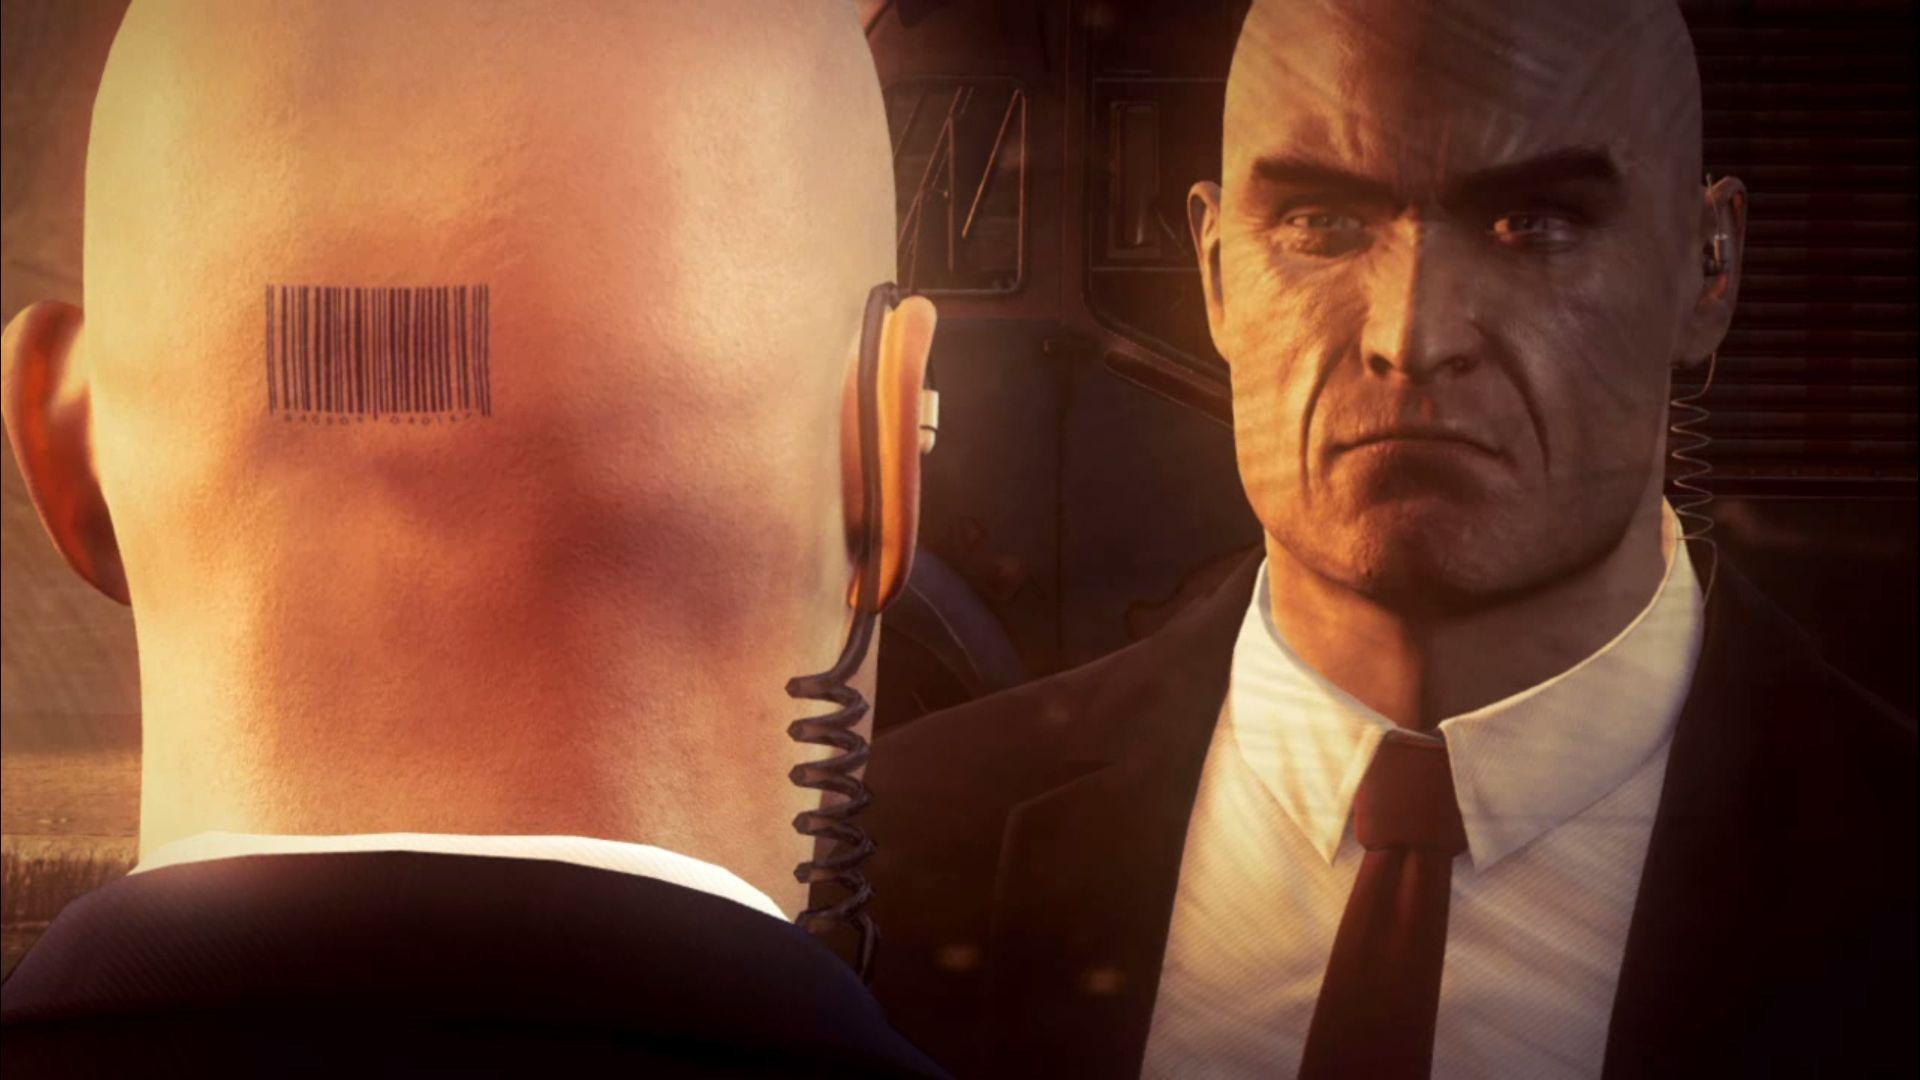 El Agente 47 de Hitman mirándose a sí mismo en un espejo.  Podemos ver la parte de atrás de su cabeza y el código de barras, y su cara haciendo muecas.